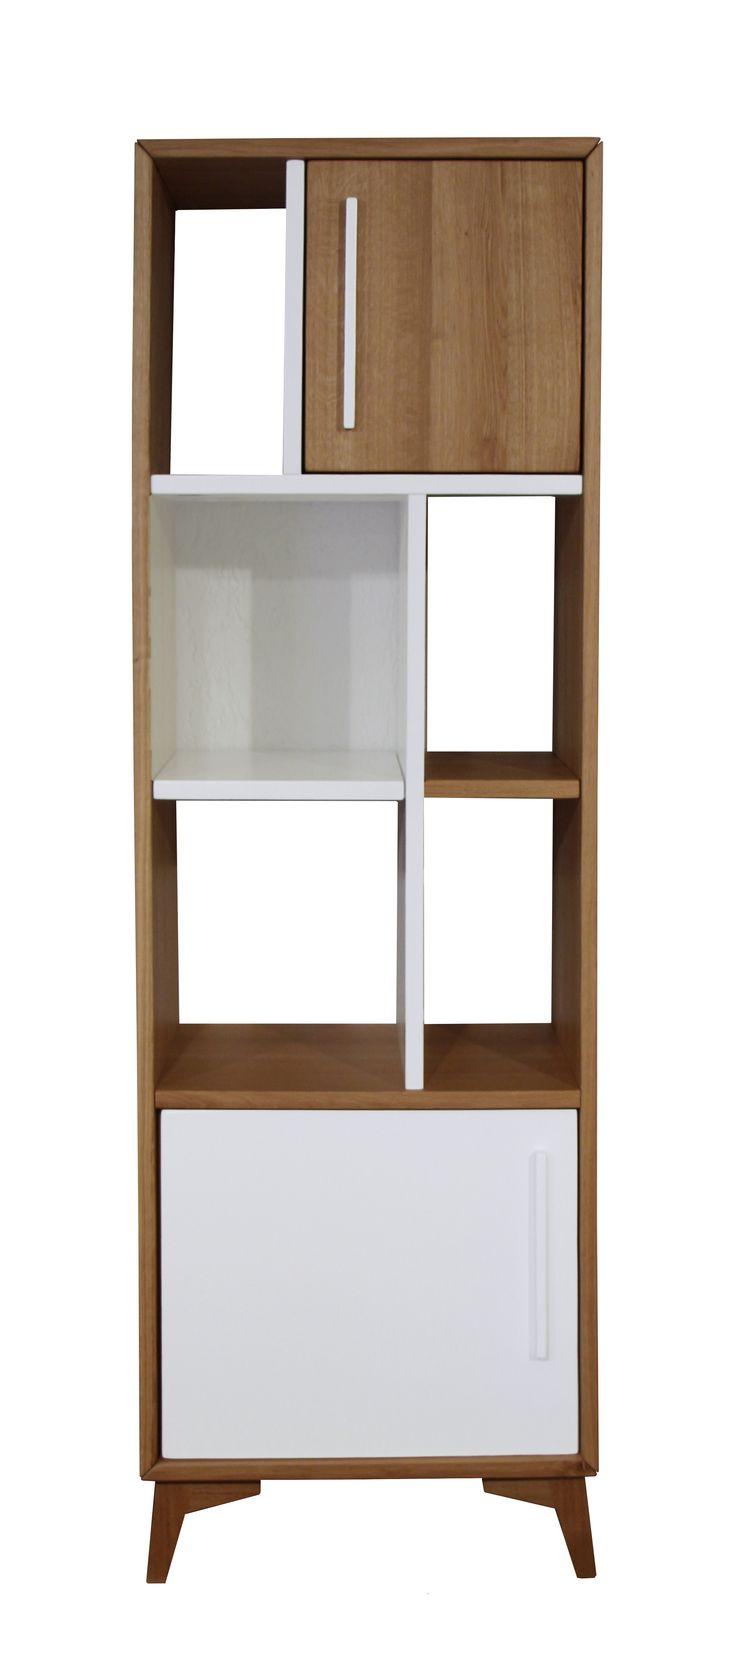 Présentée ici dans sa version colonne 2 portes, la collection Helsinki comprend également une table basse, une table haute, un meuble TV et un bahut. L'ensemble de ces meubles est intégralement sur-mesure et personnalisable : dimensions, choix du traitement du piétement en bois ou en métal, choix de la couleur de la laque.